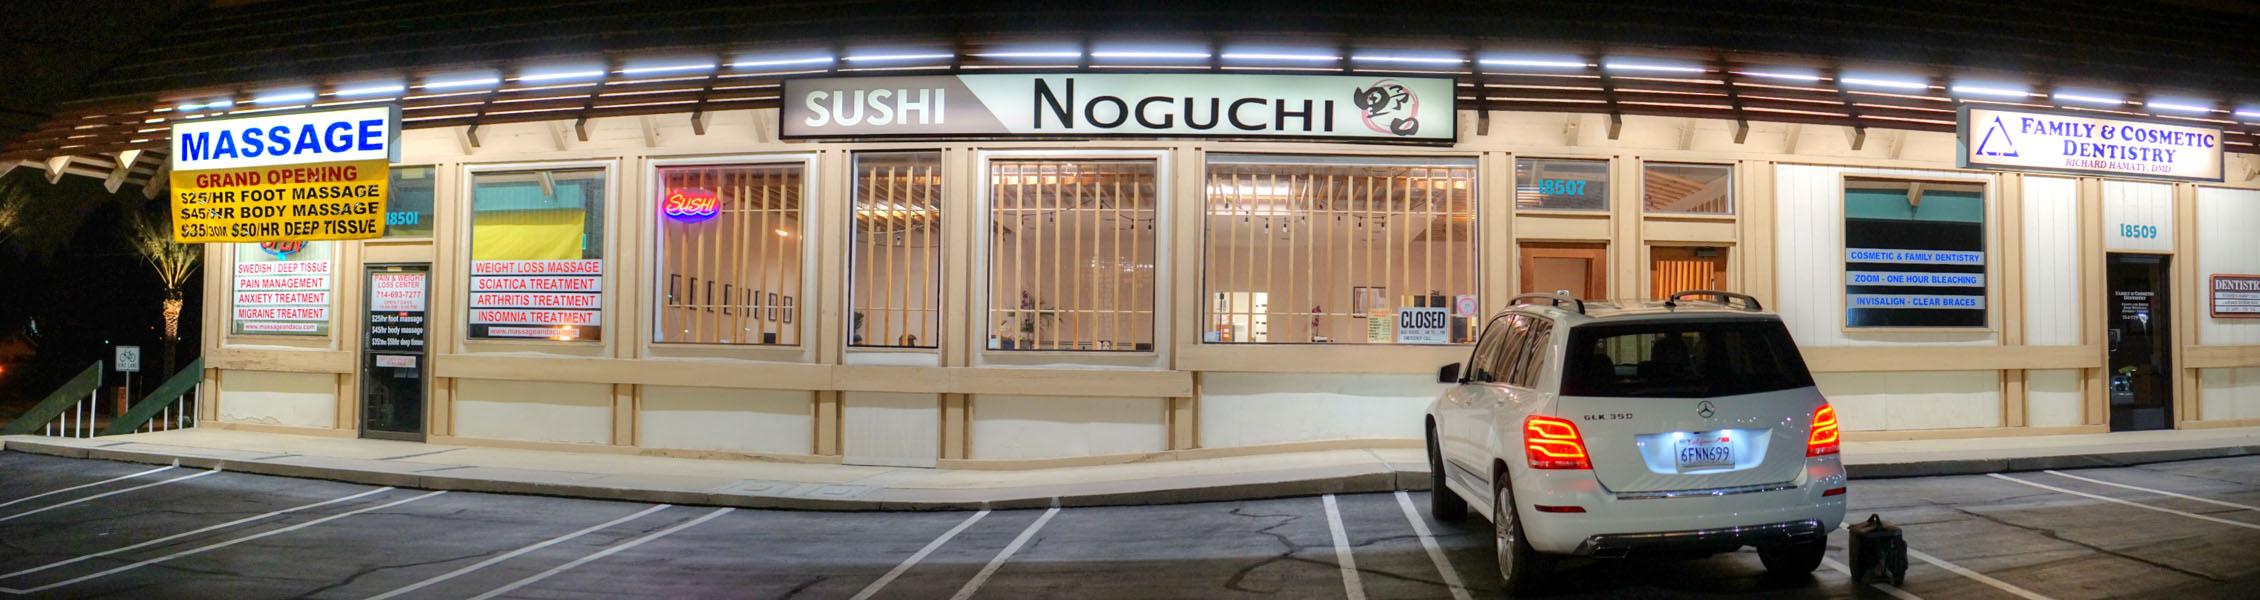 Sushi Noguchi Exterior